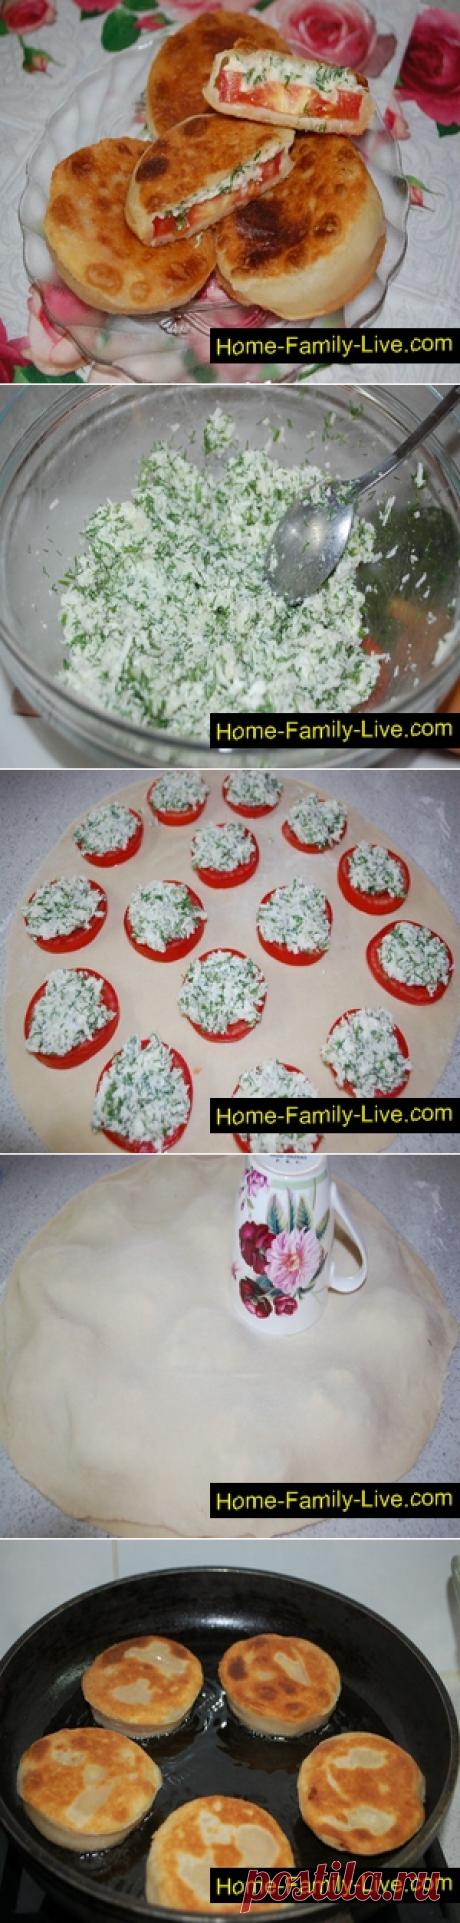 Пирожки бомбочки - пошаговый рецепт с фотоКулинарные рецепты